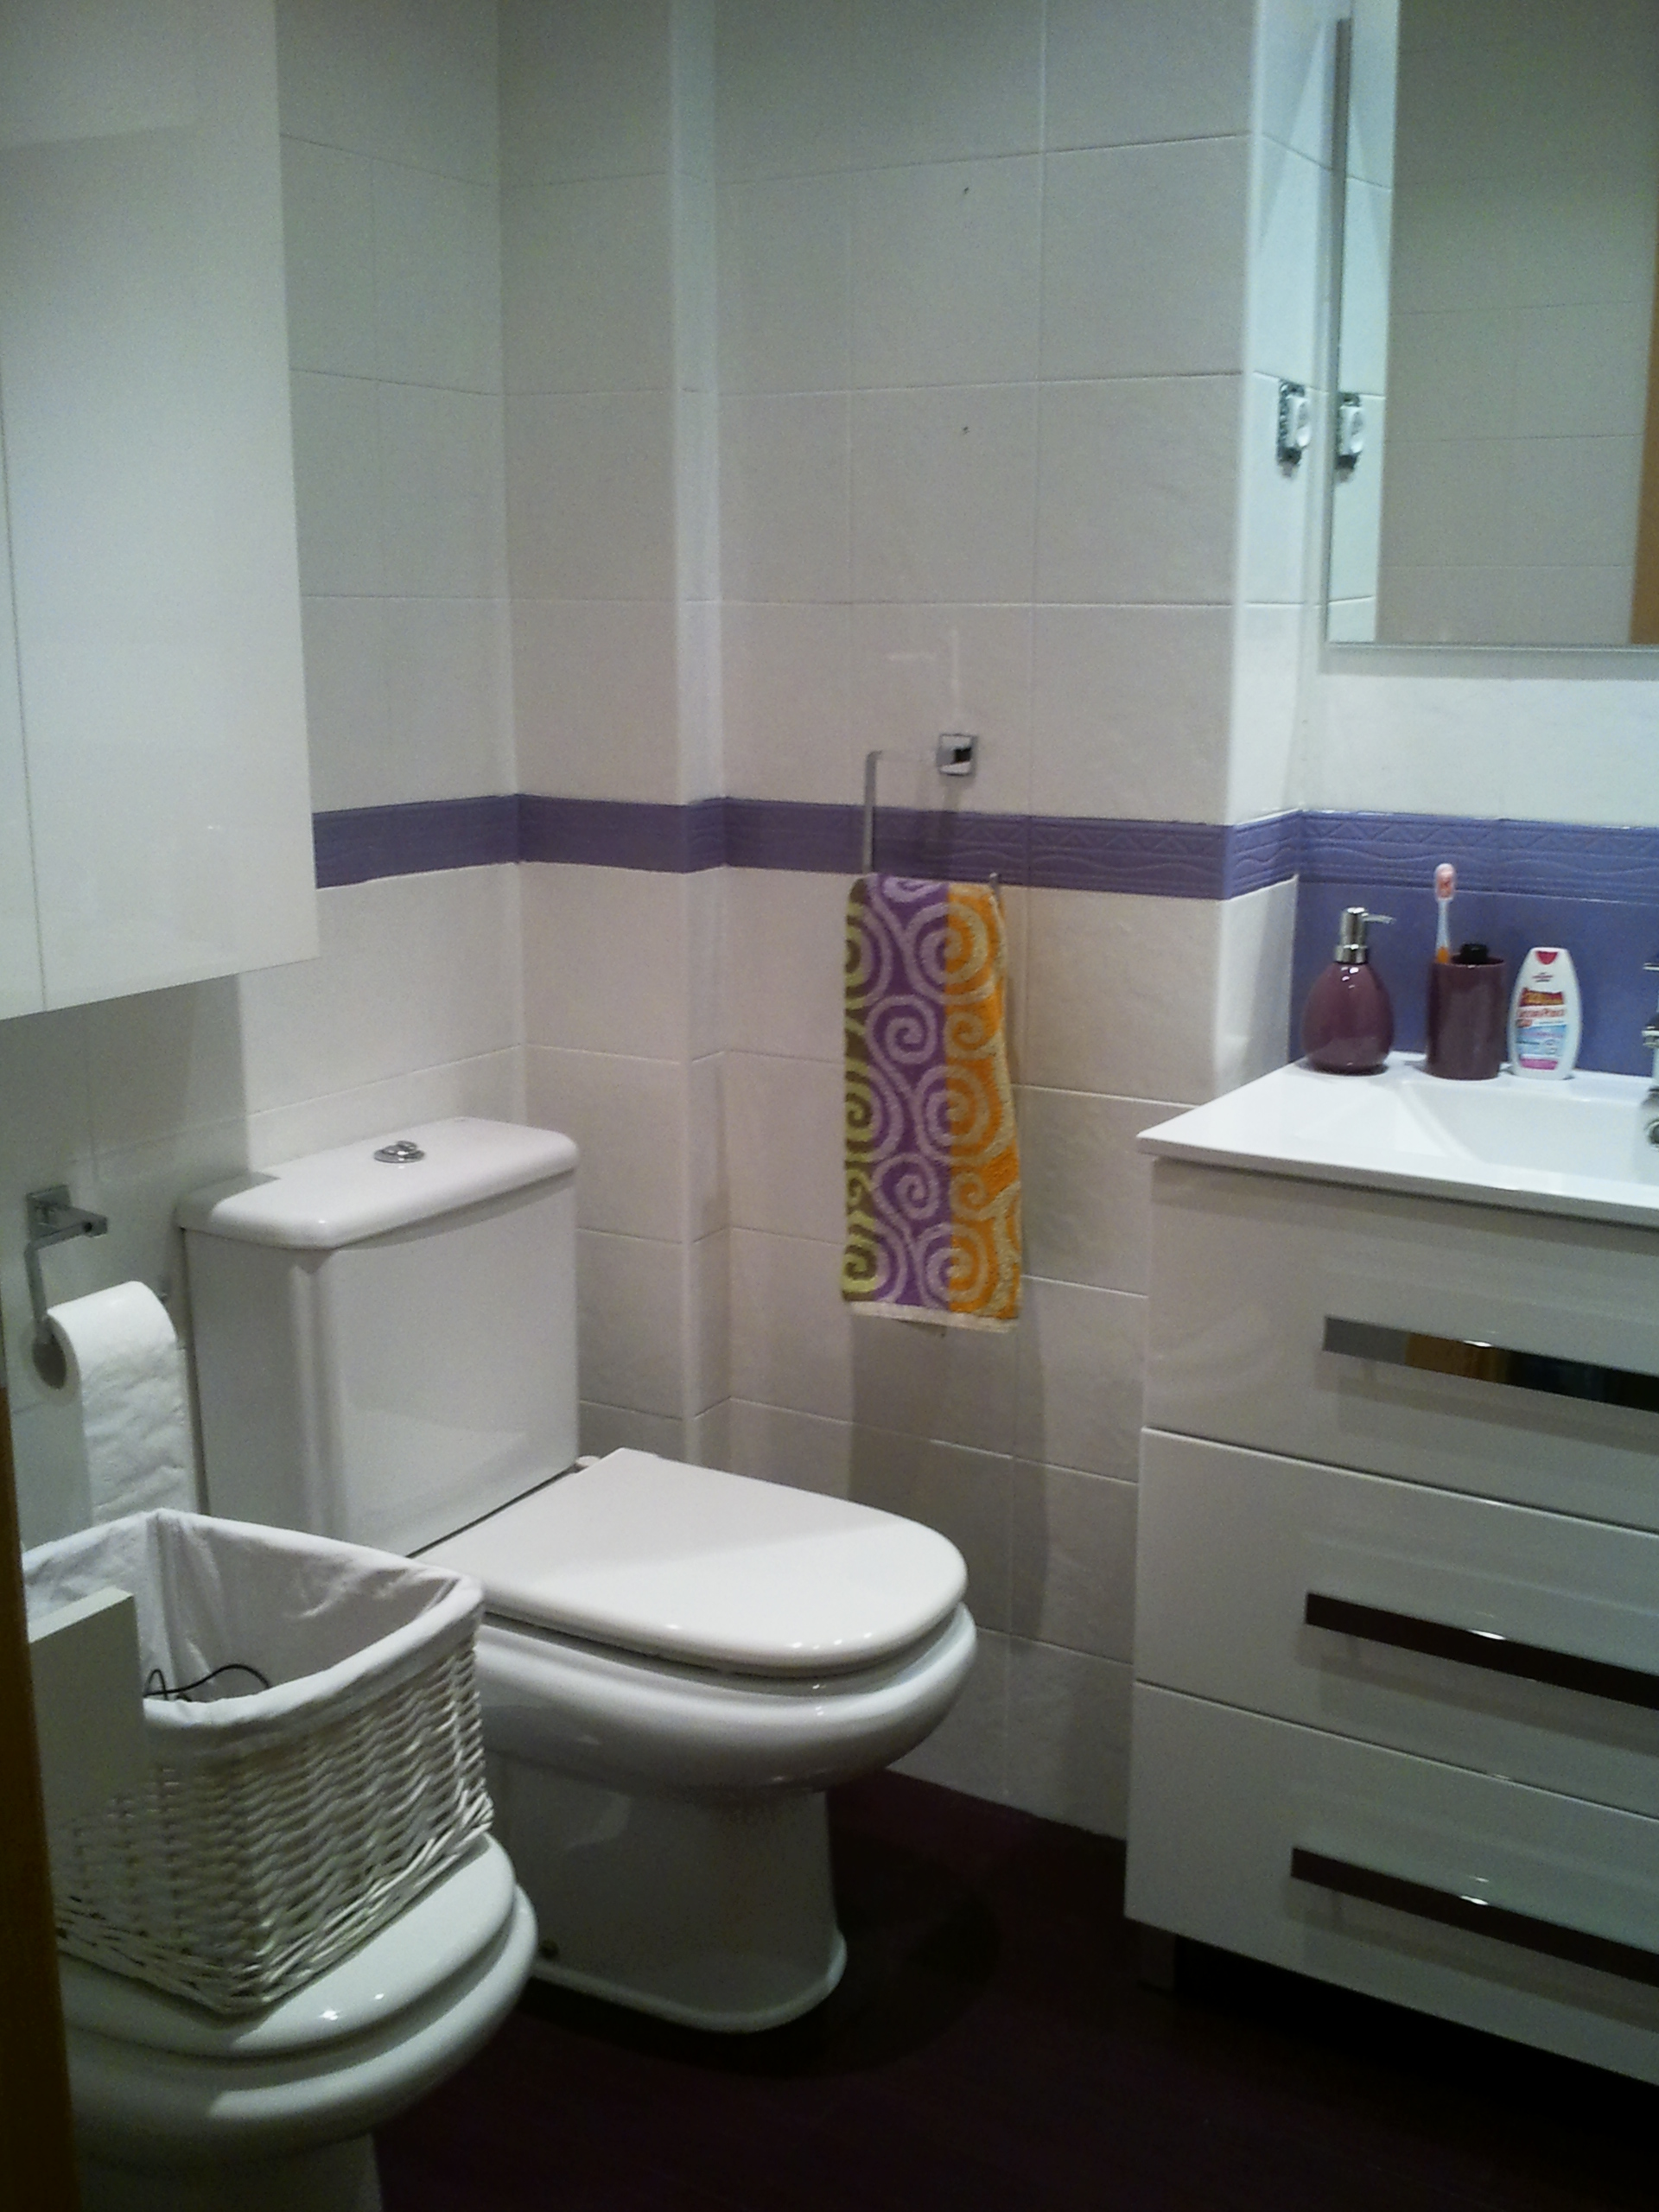 ideas para decorar un bao sin obrasobras en casa xi cmo reformar bao sin obra ideas para decorar un bao sin obras